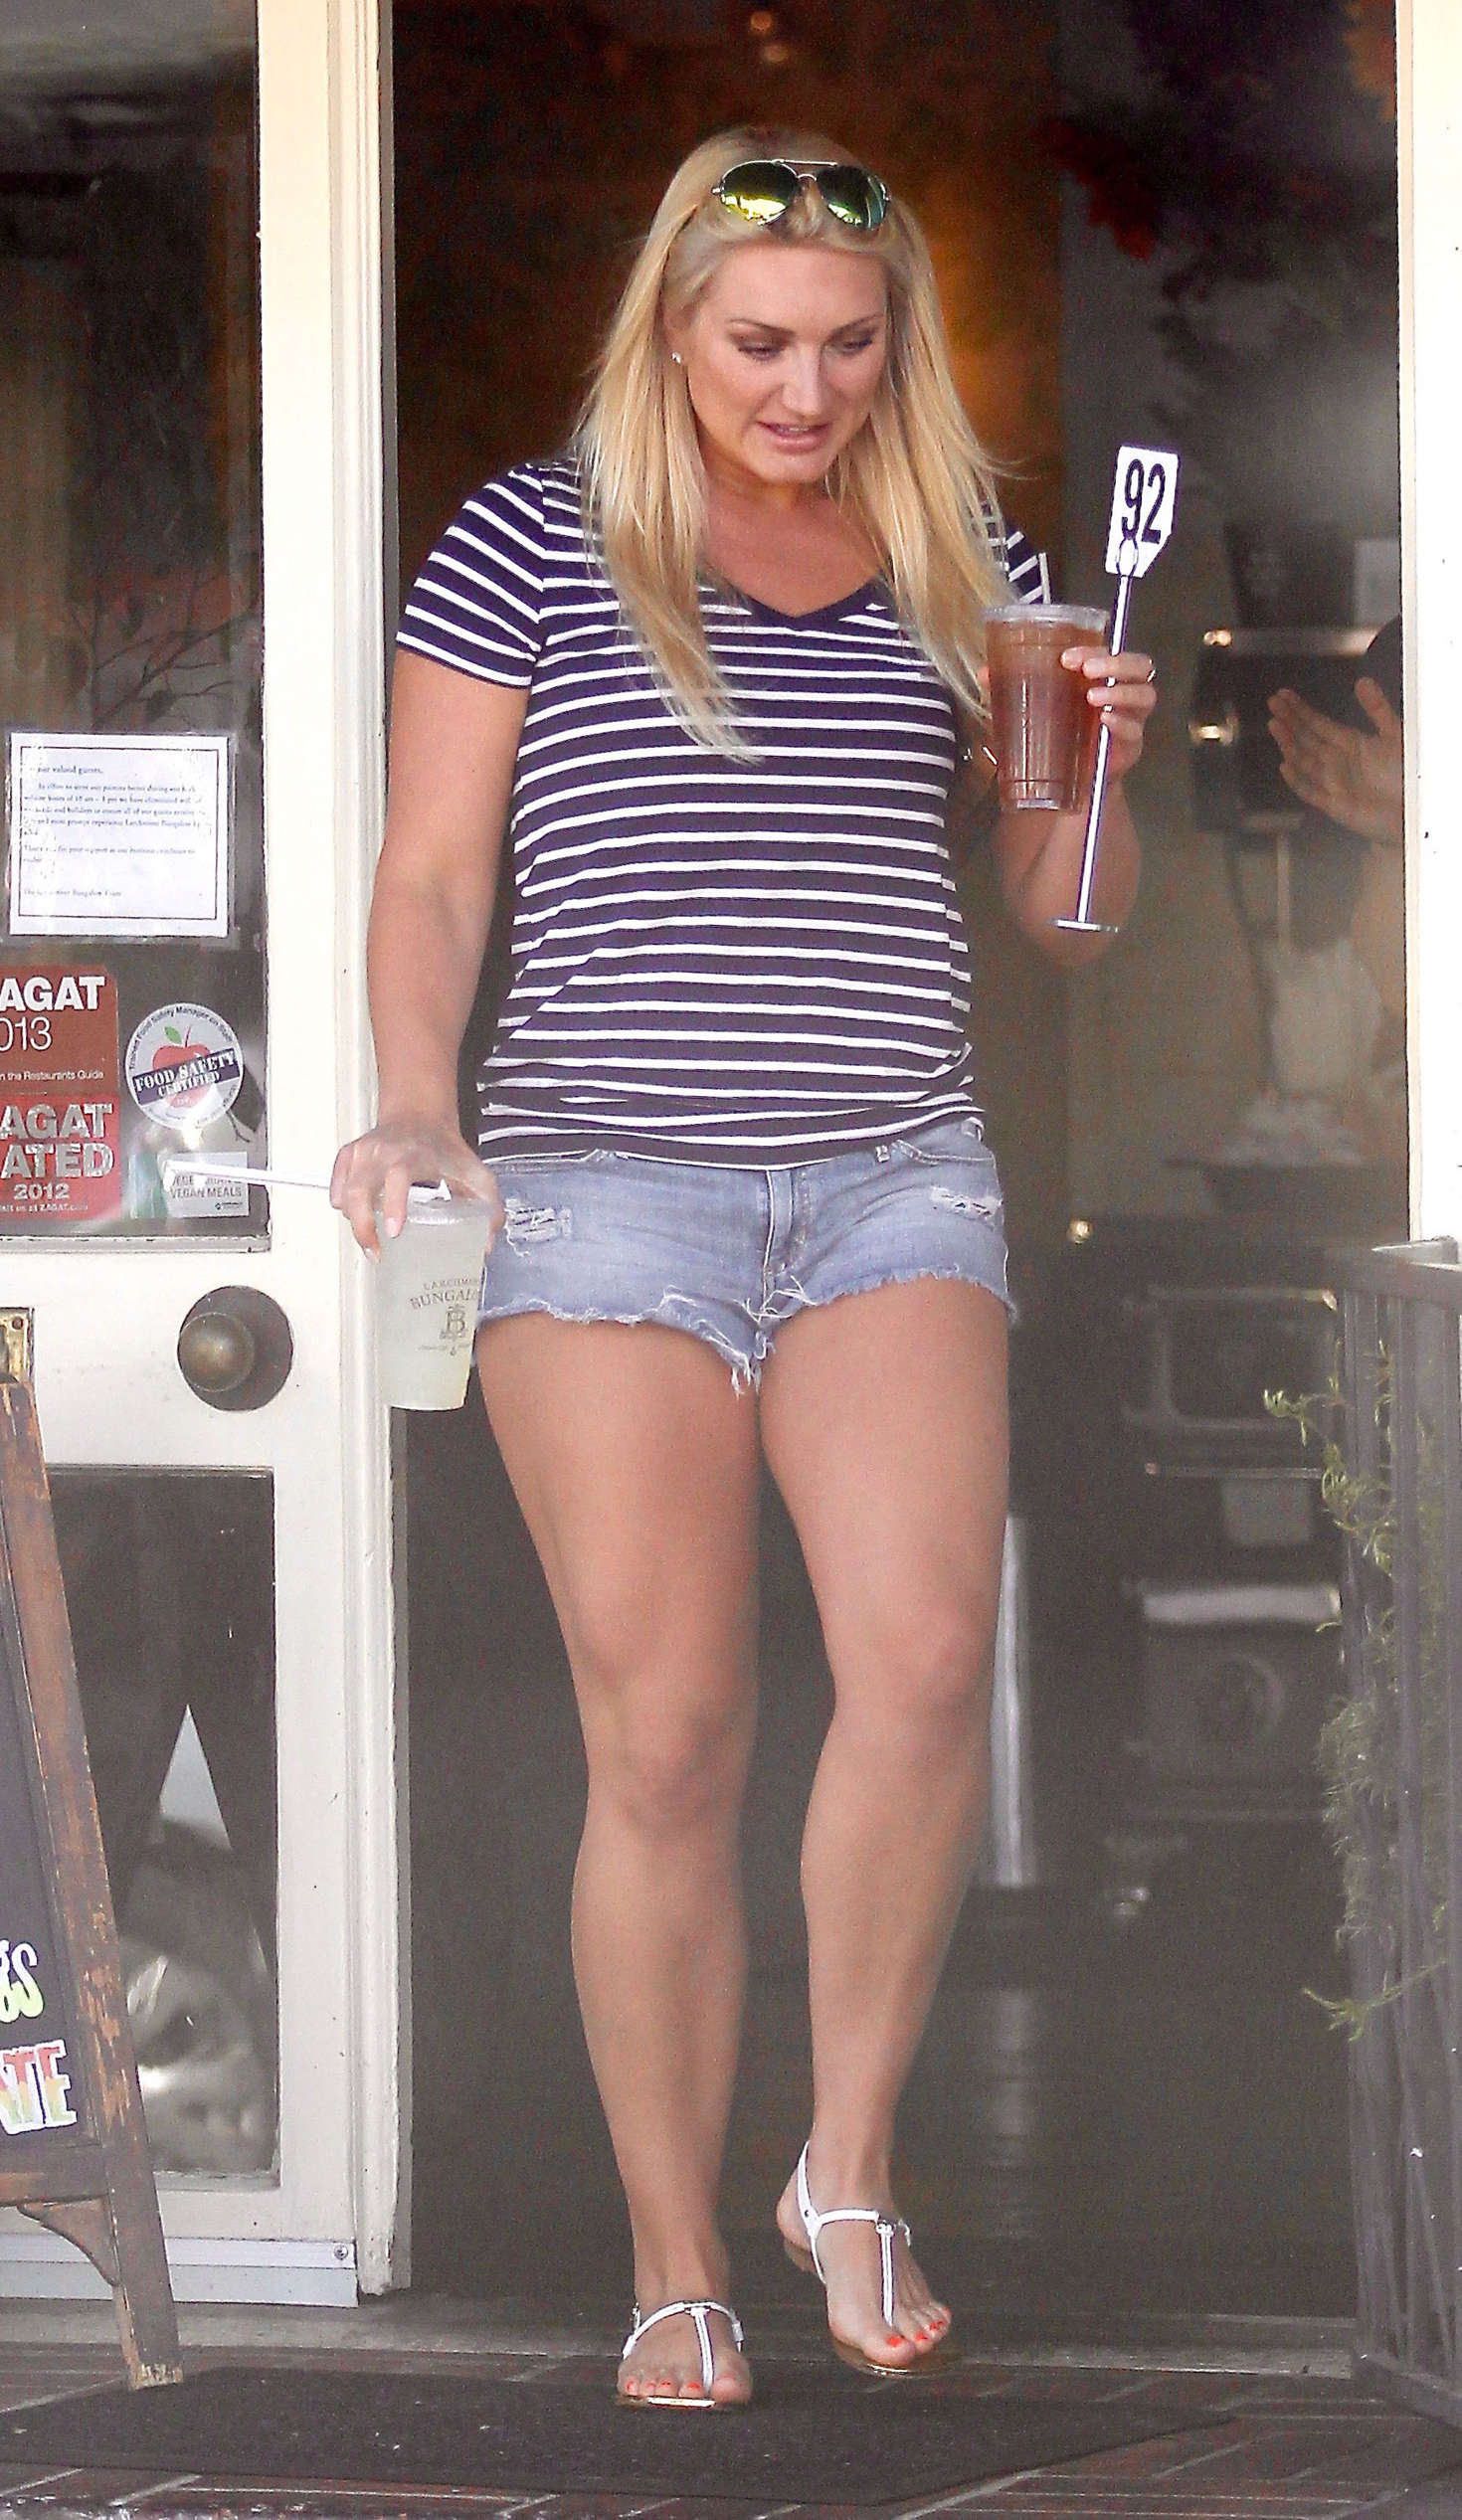 Jennifer Mcdaniel Body Brooke Hogan in Jeans ...